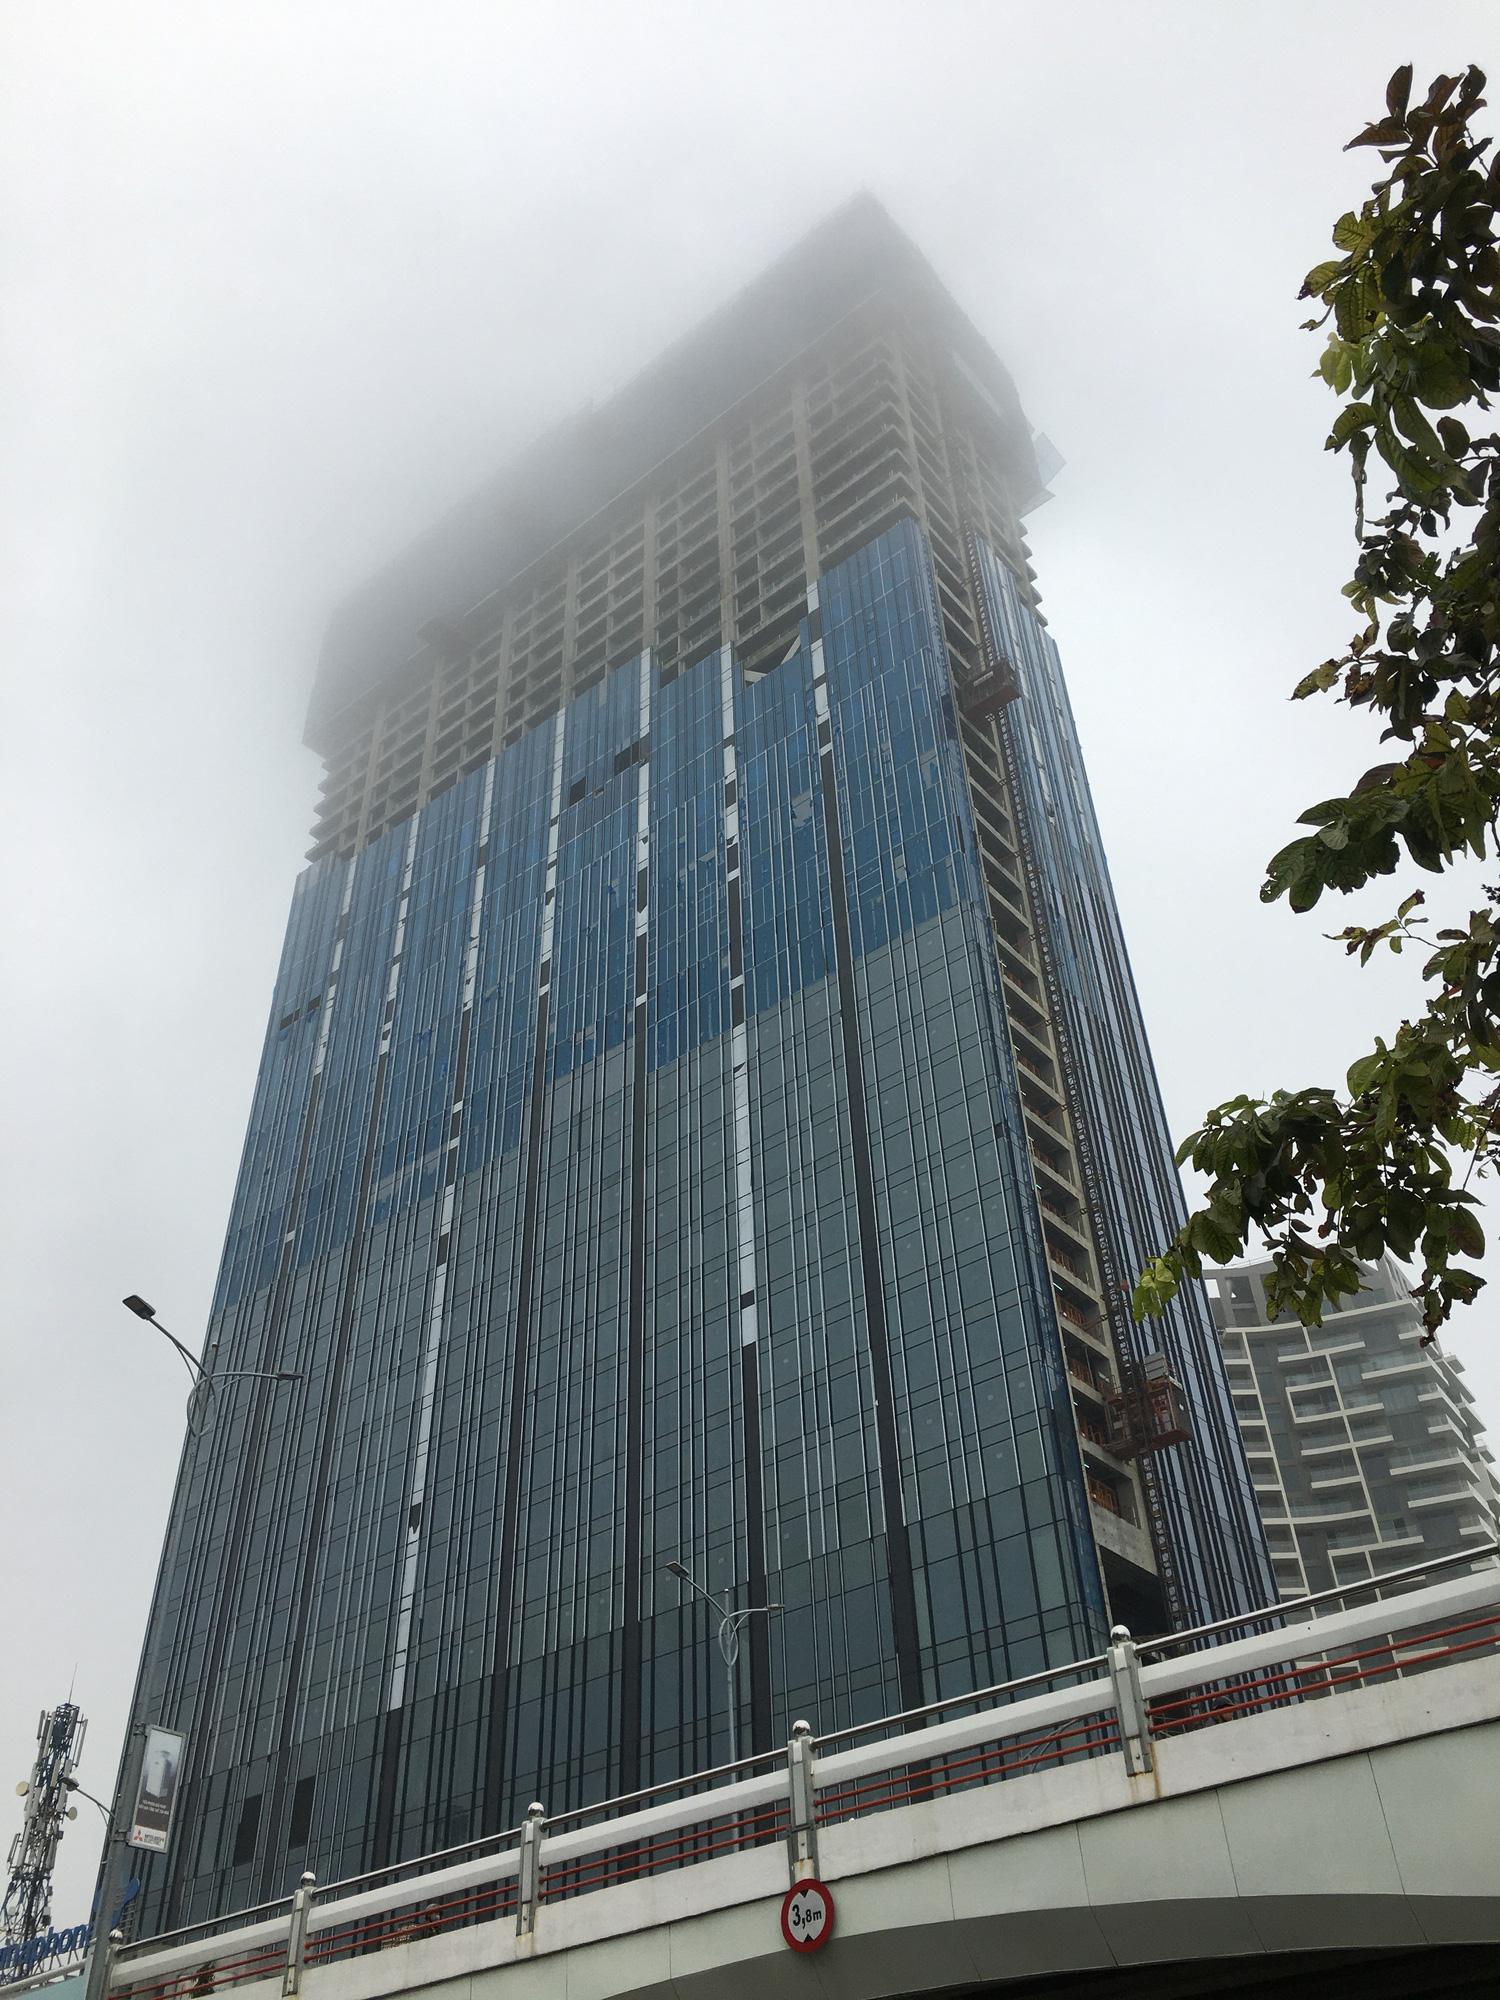 Đà Nẵng chìm trong sương mù dày đặc dù đã gần 9 giờ sáng - Ảnh 5.